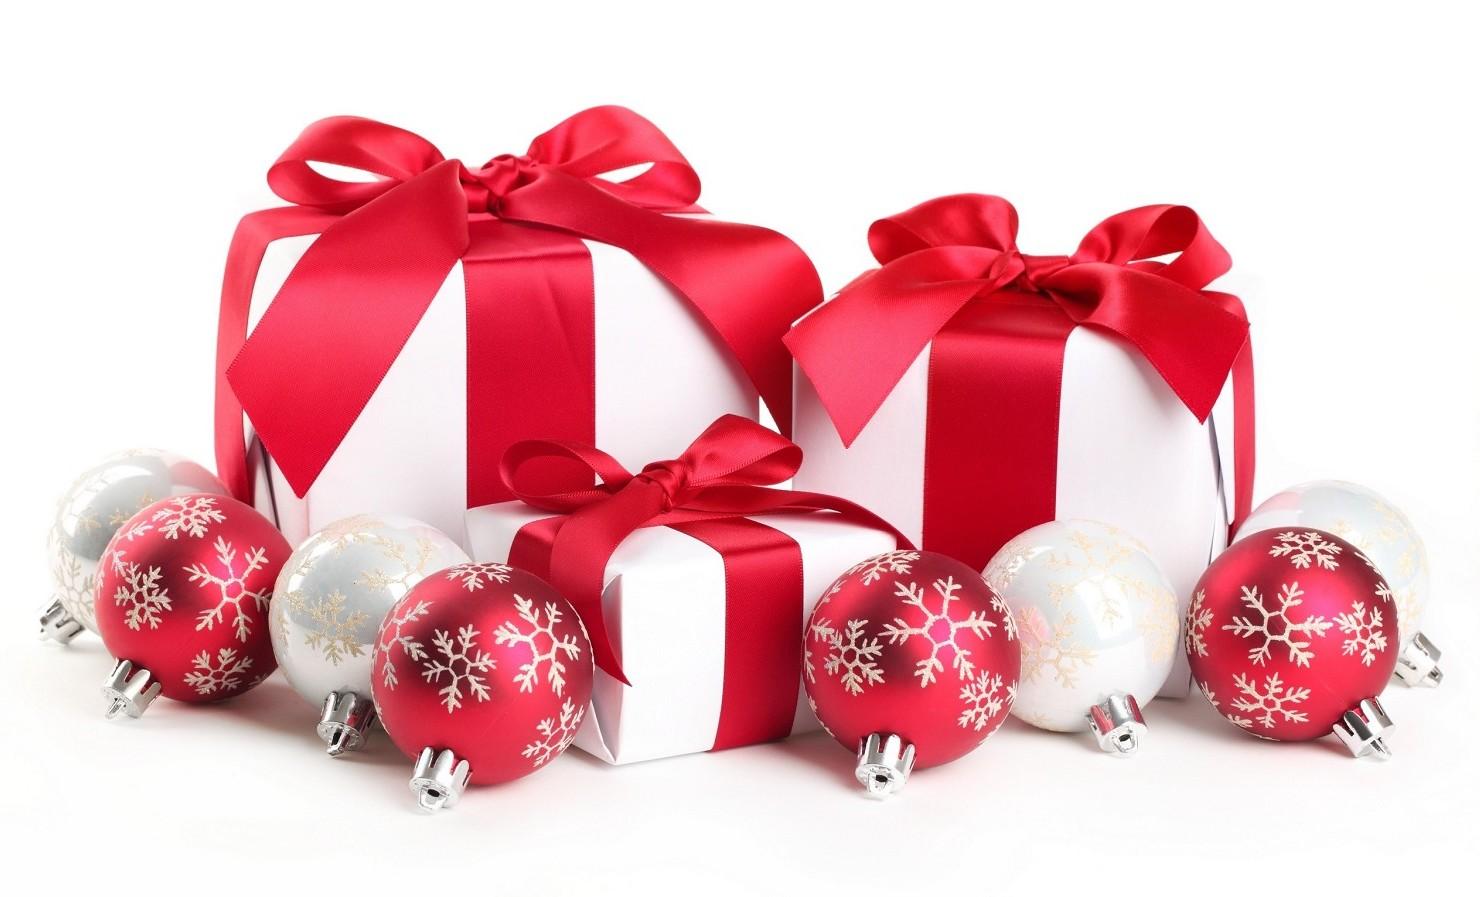 Frasi, Immagini Auguri di Natale diverte